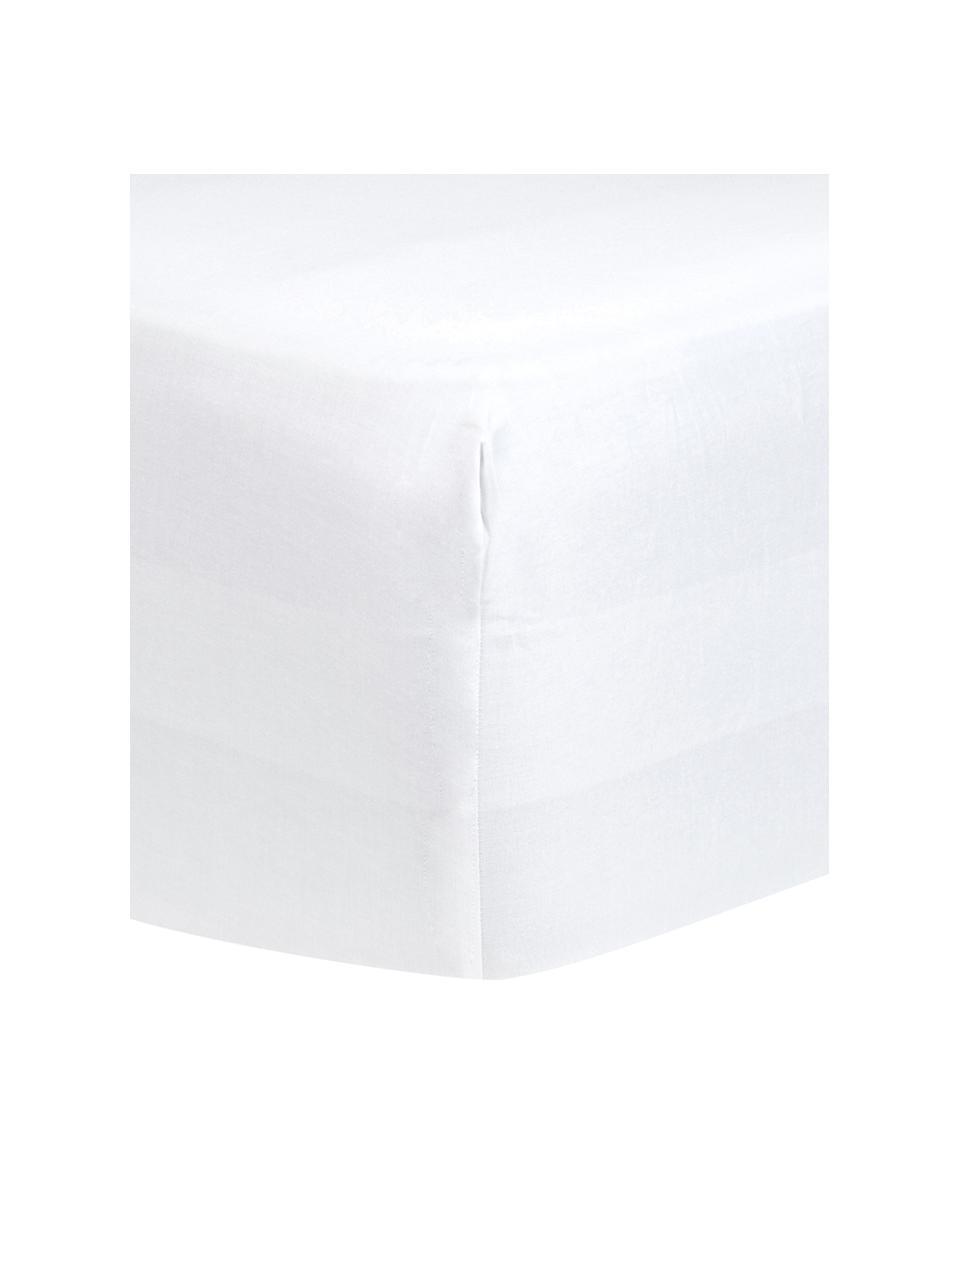 Hoeslaken Comfort in wit, katoensatijn, Weeftechniek: satijn, licht glanzend, Wit, 180 x 200 cm